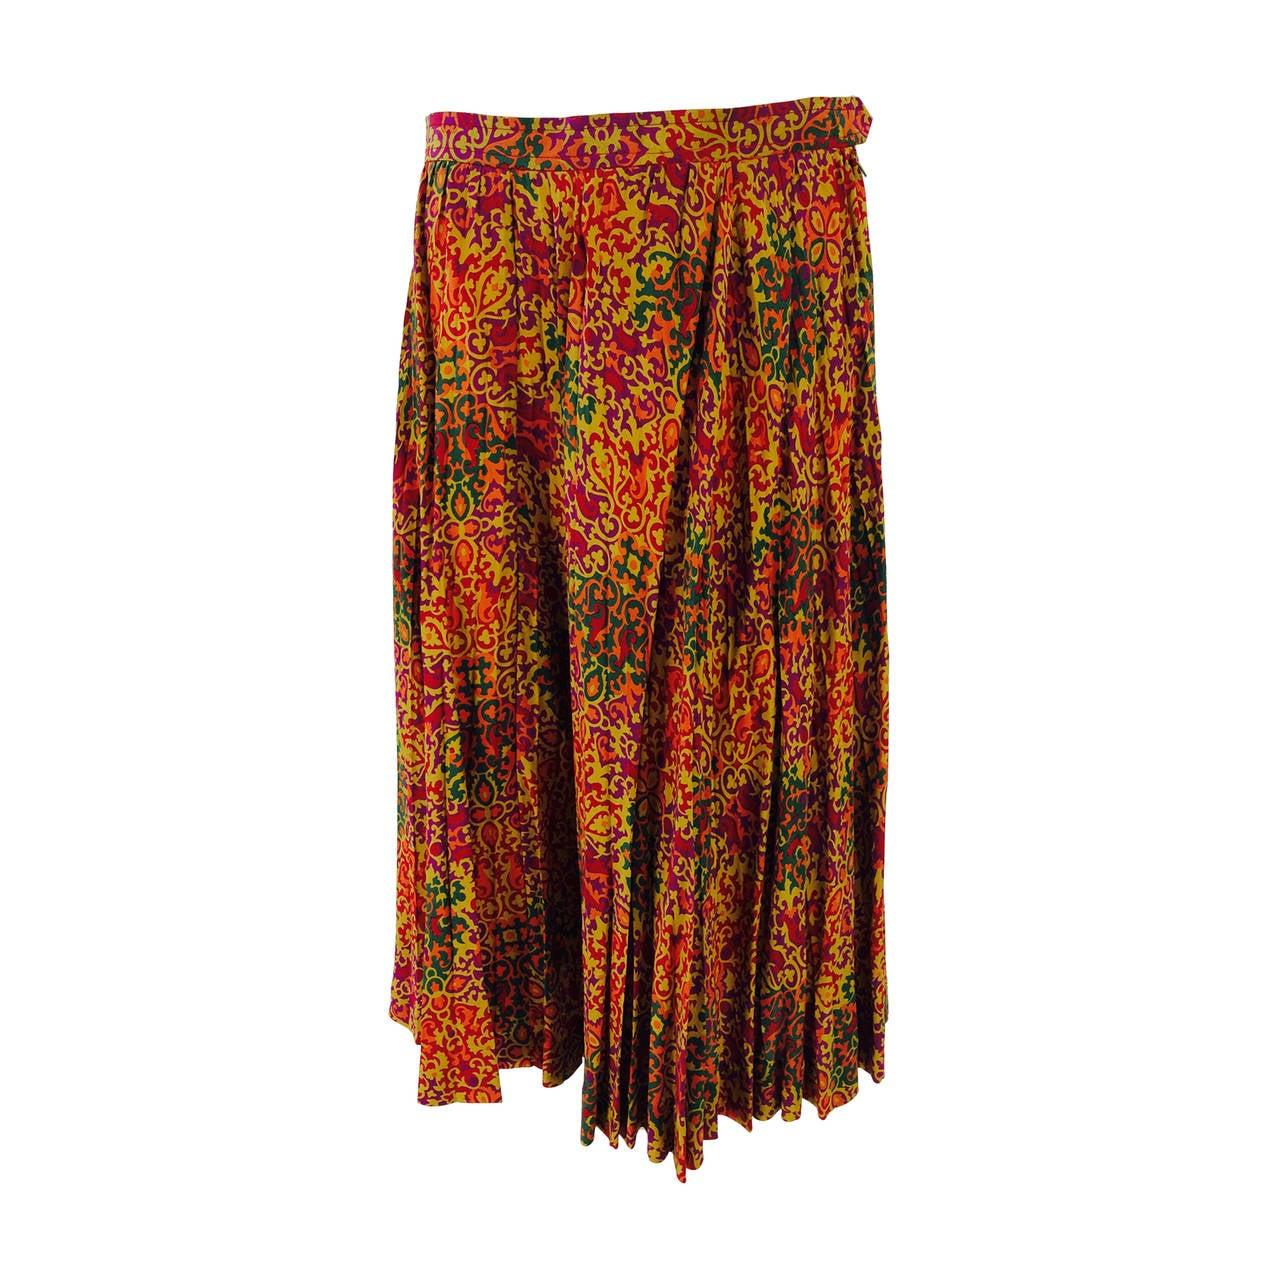 Yves St Laurent YSL Rive Gauche golden silk print knife pleated skirt 1970s